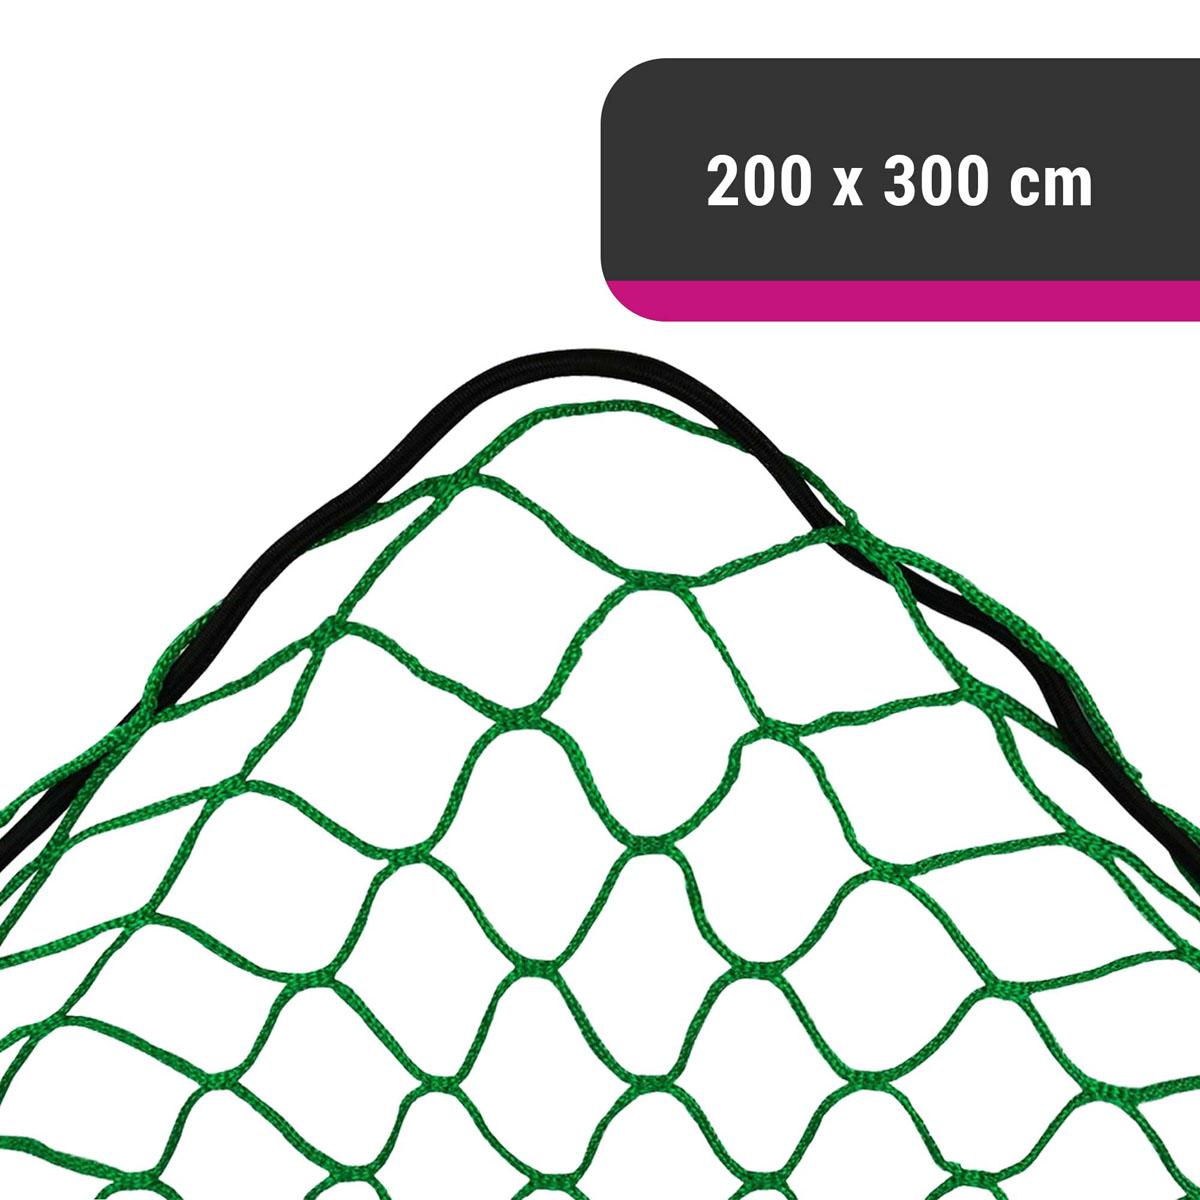 D&W elastisches Gepäcknetz für Anhänger 200 x 300 cm